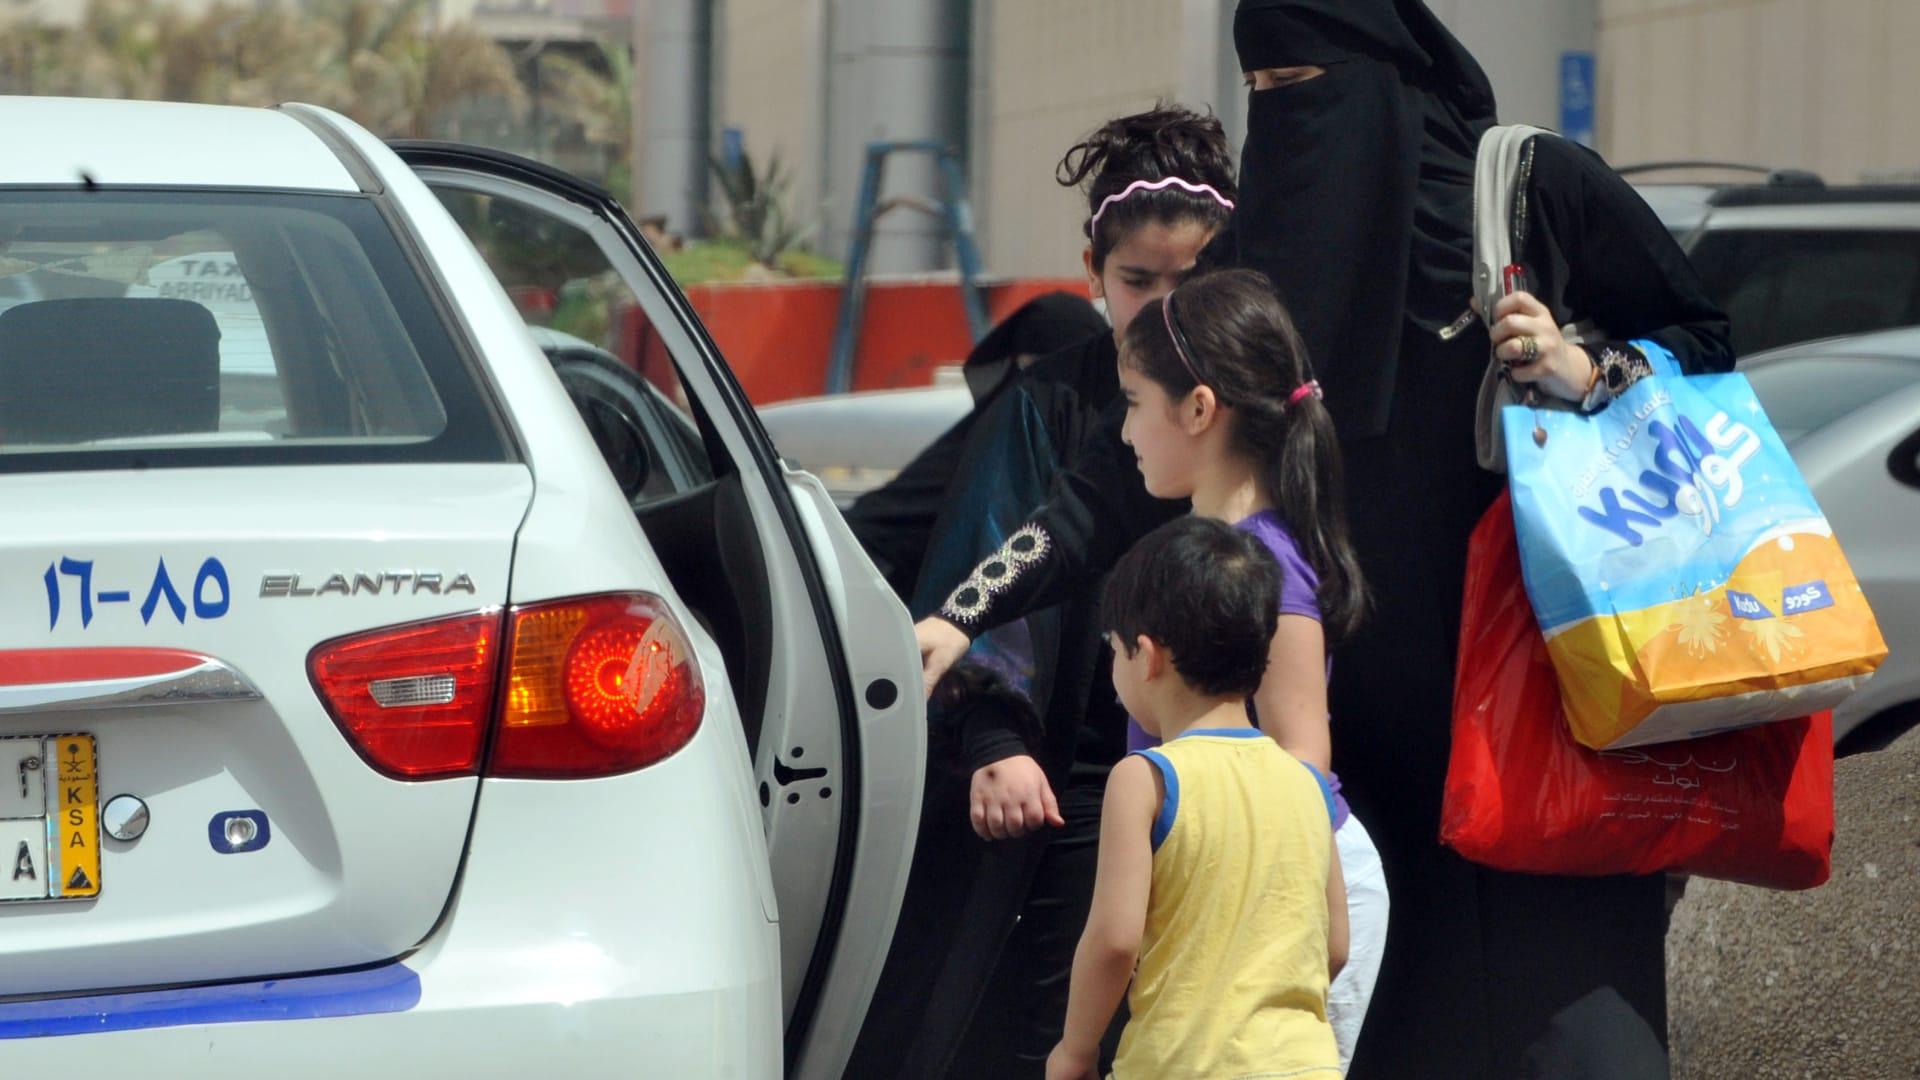 عبداللطيف آل الشيخ: قرار السماح بقيادة المرأة يساعد على الاستغناء عن السائق الأجنبي في السعودية